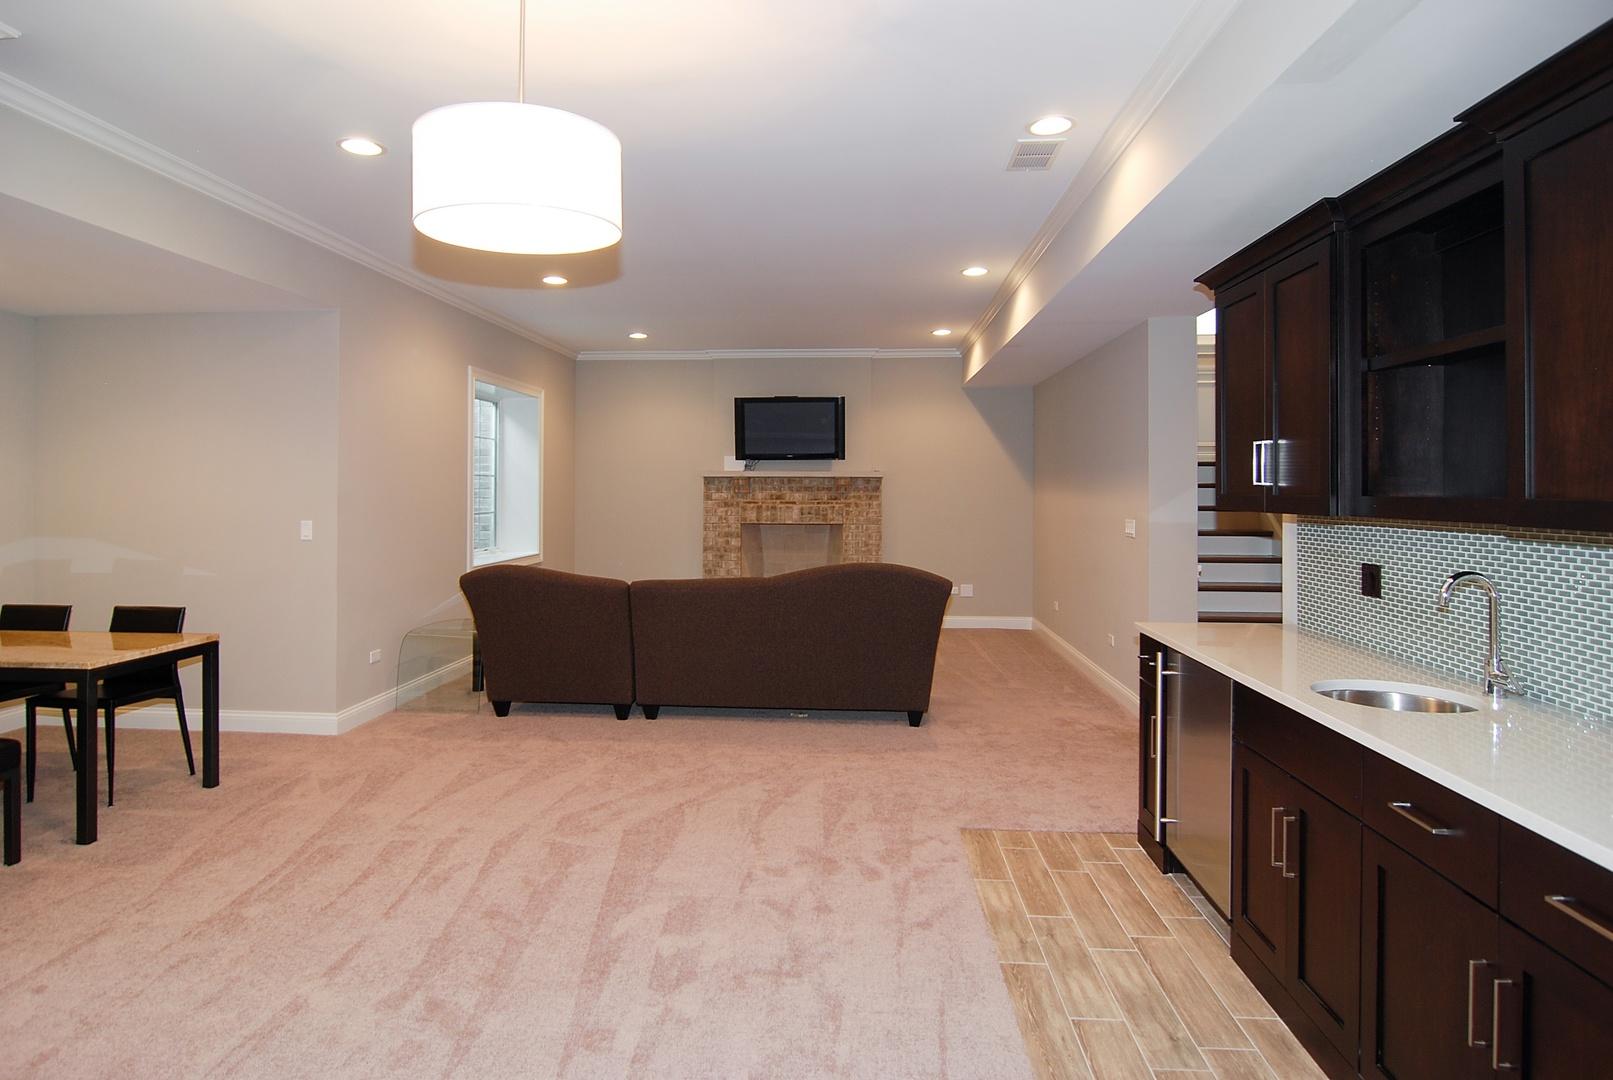 920 South Kensington, La Grange, Illinois, 60525